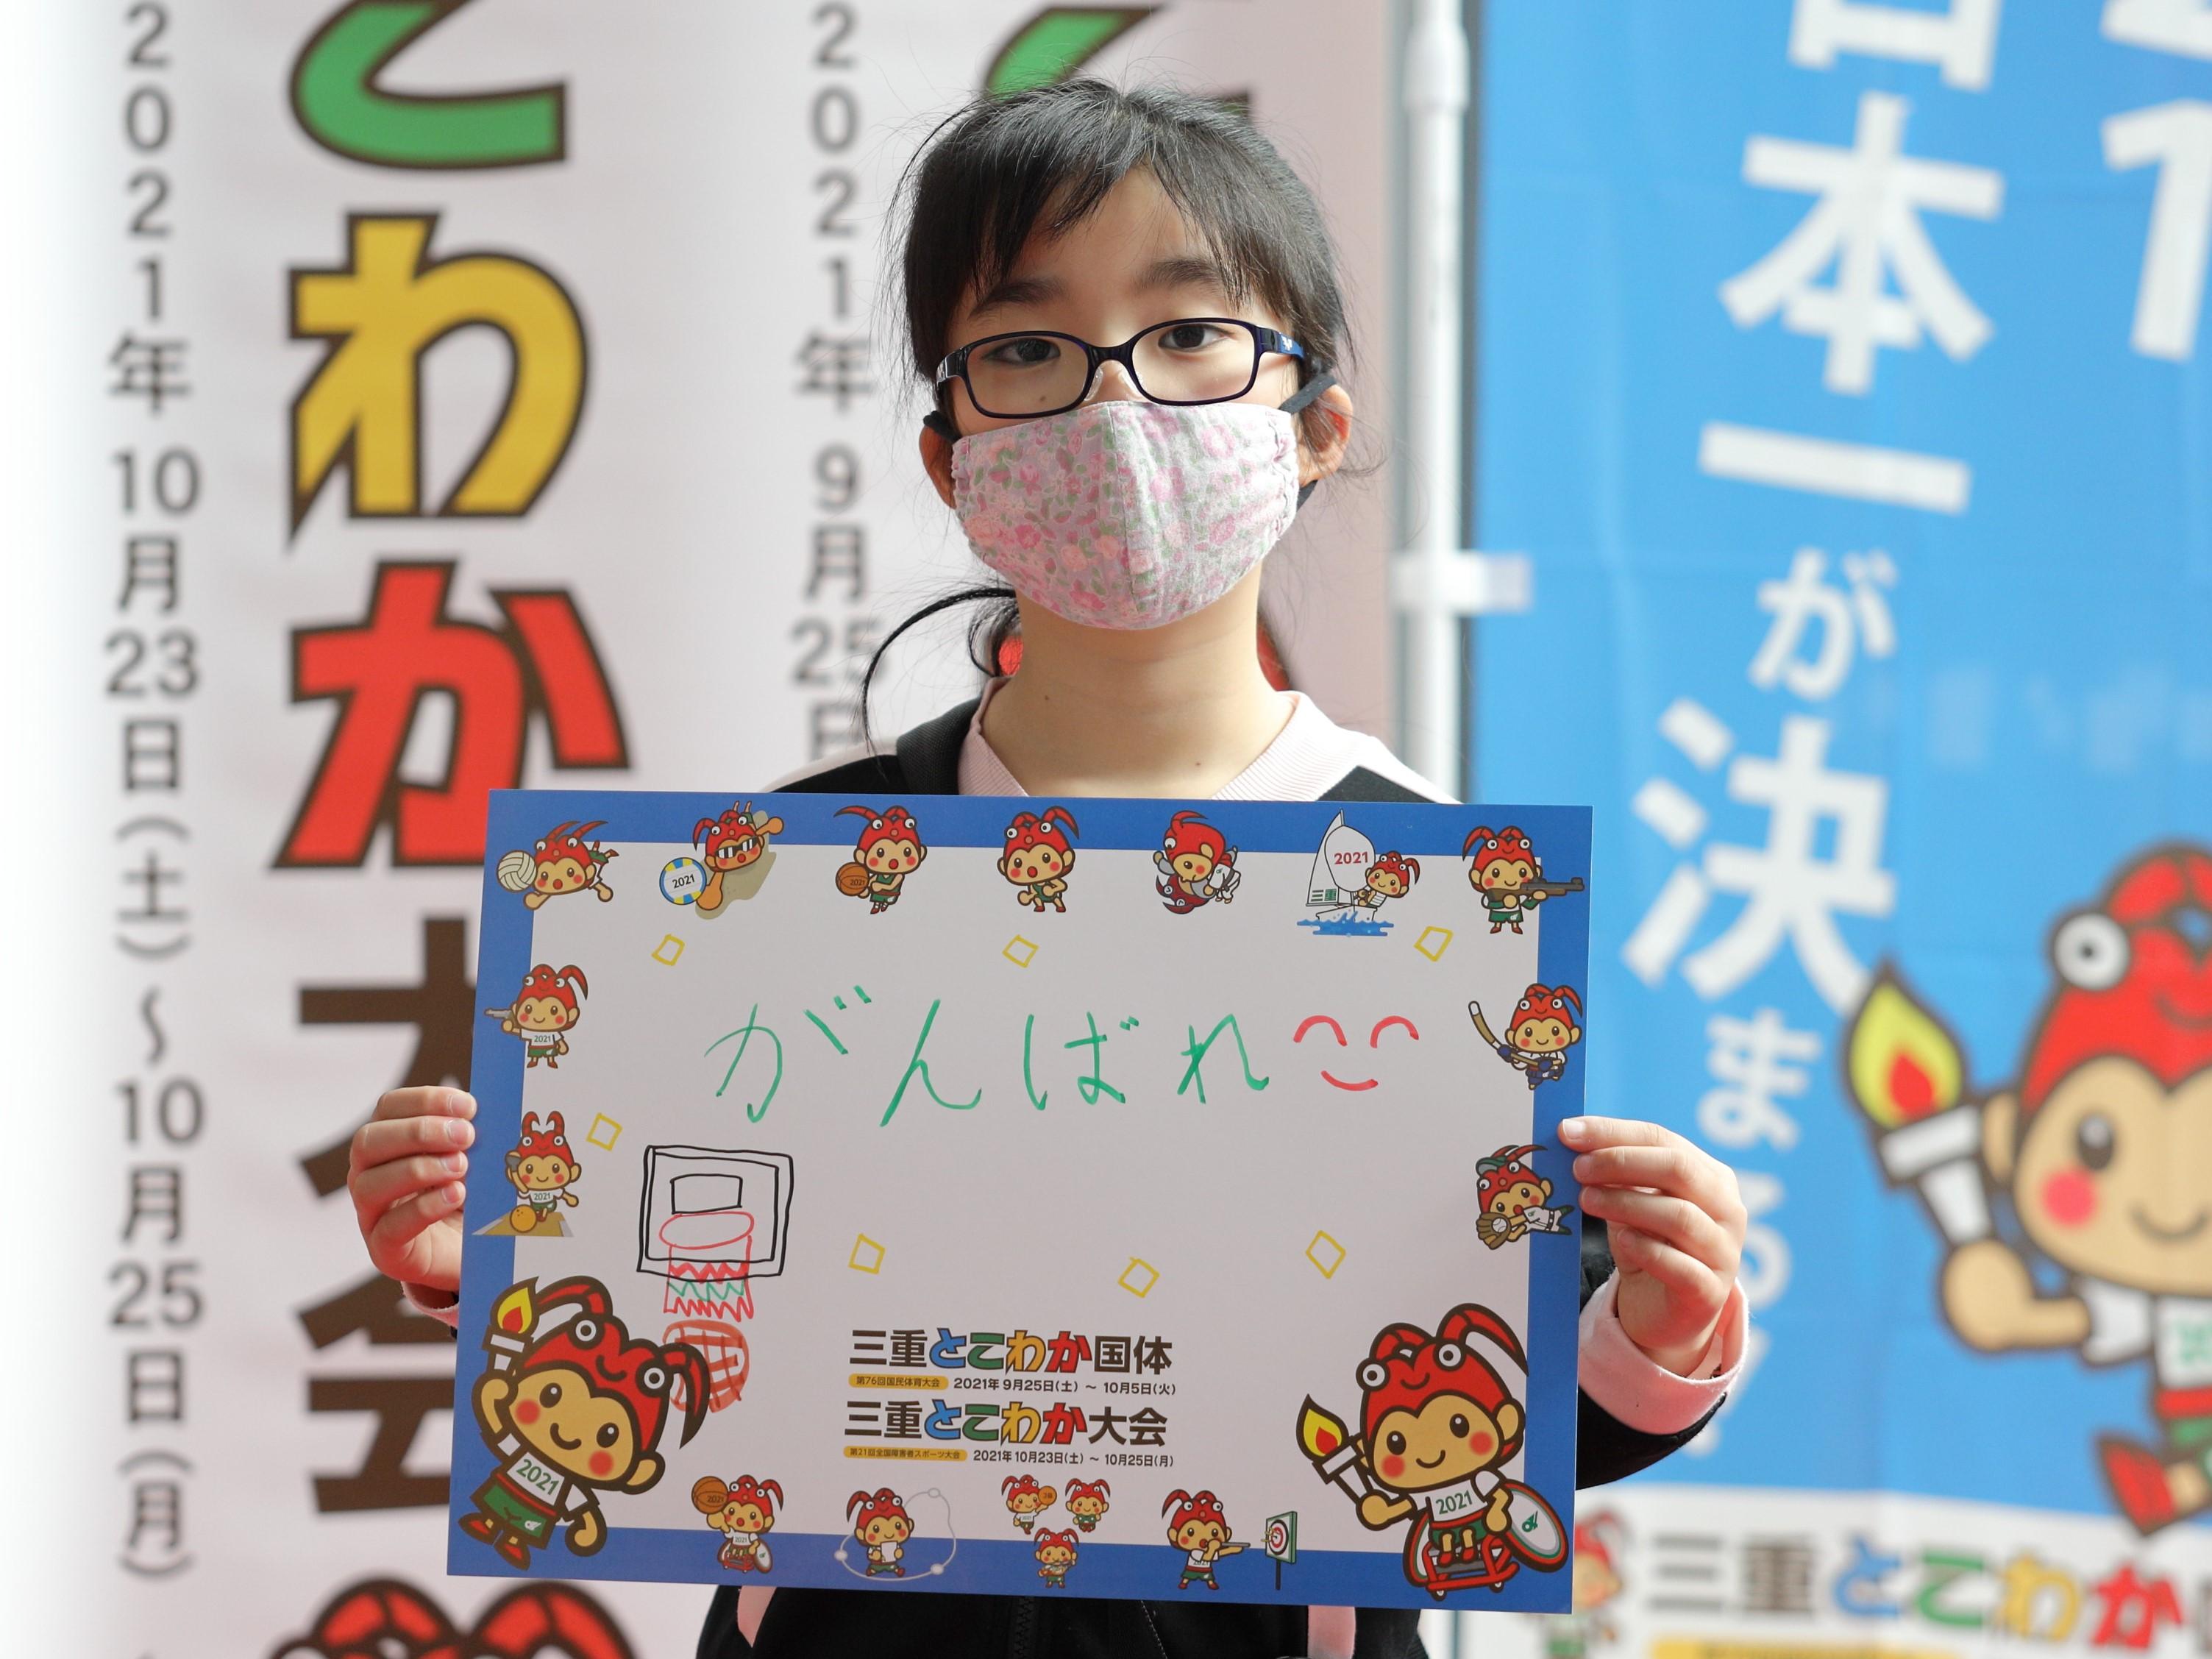 はじめてのわくわくスポーツ体験in津市 田中琴葉さん